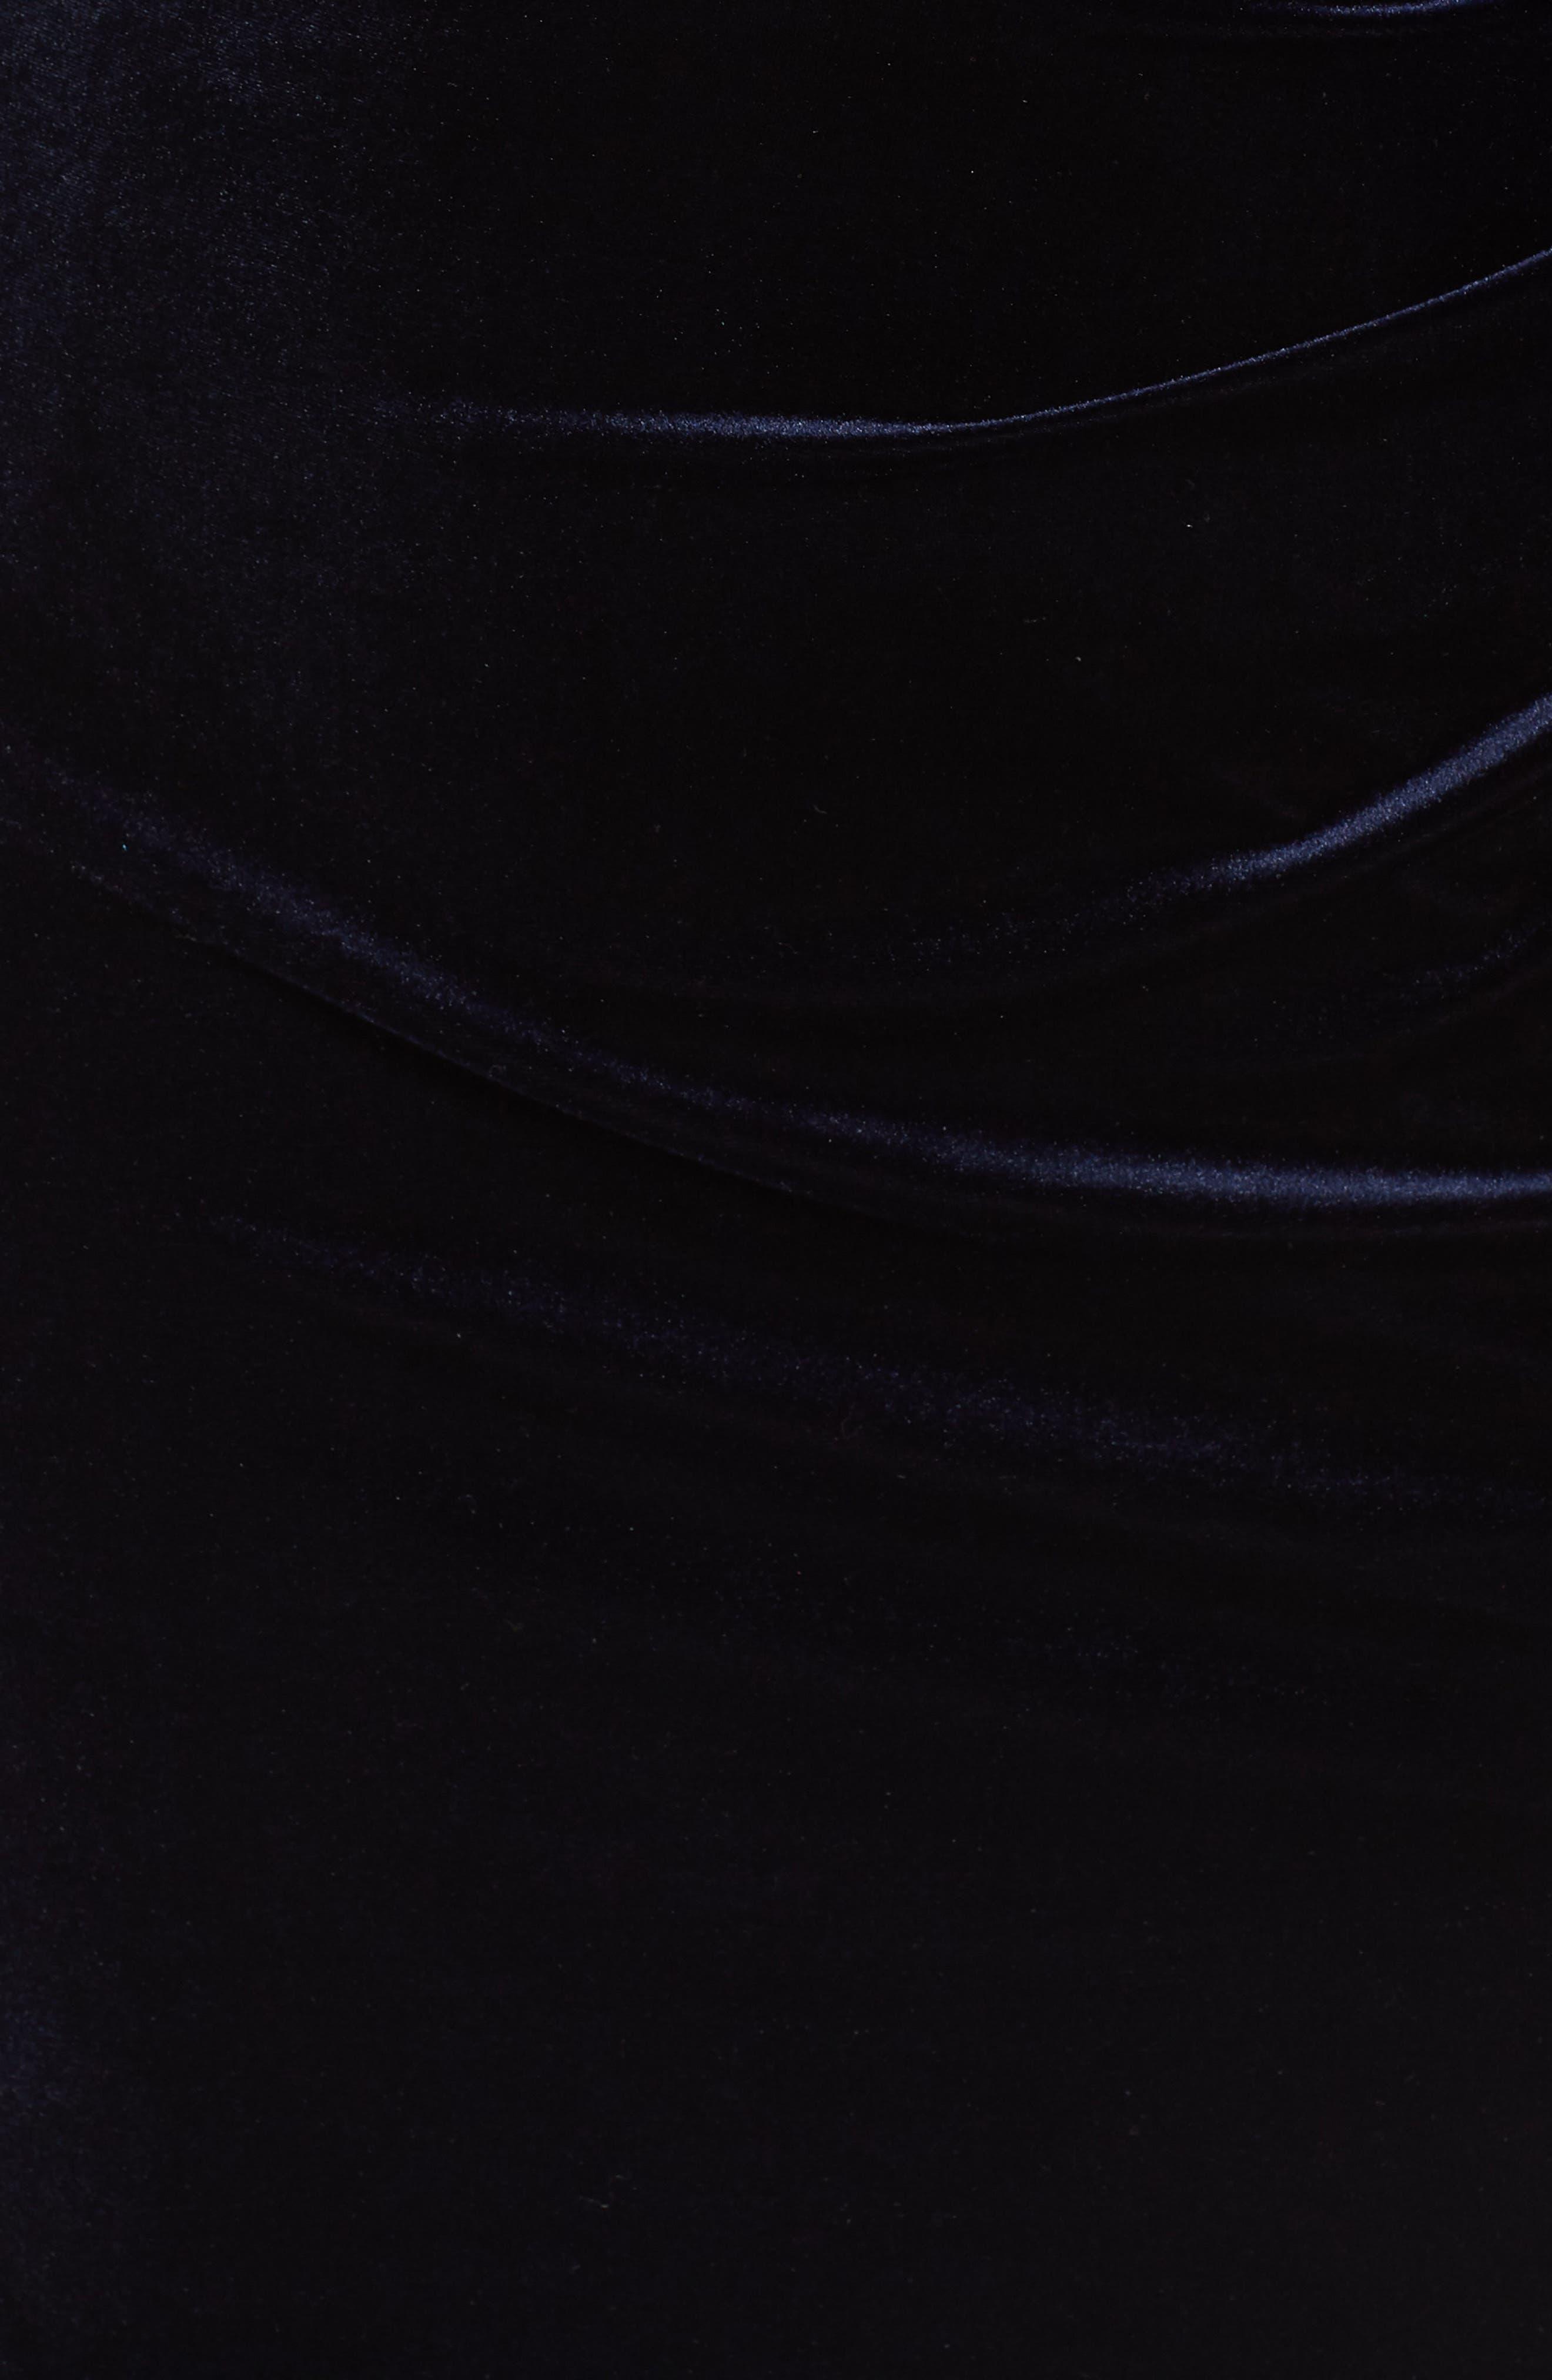 Stretch Velvet Sheath Dress,                             Alternate thumbnail 6, color,                             NAVY